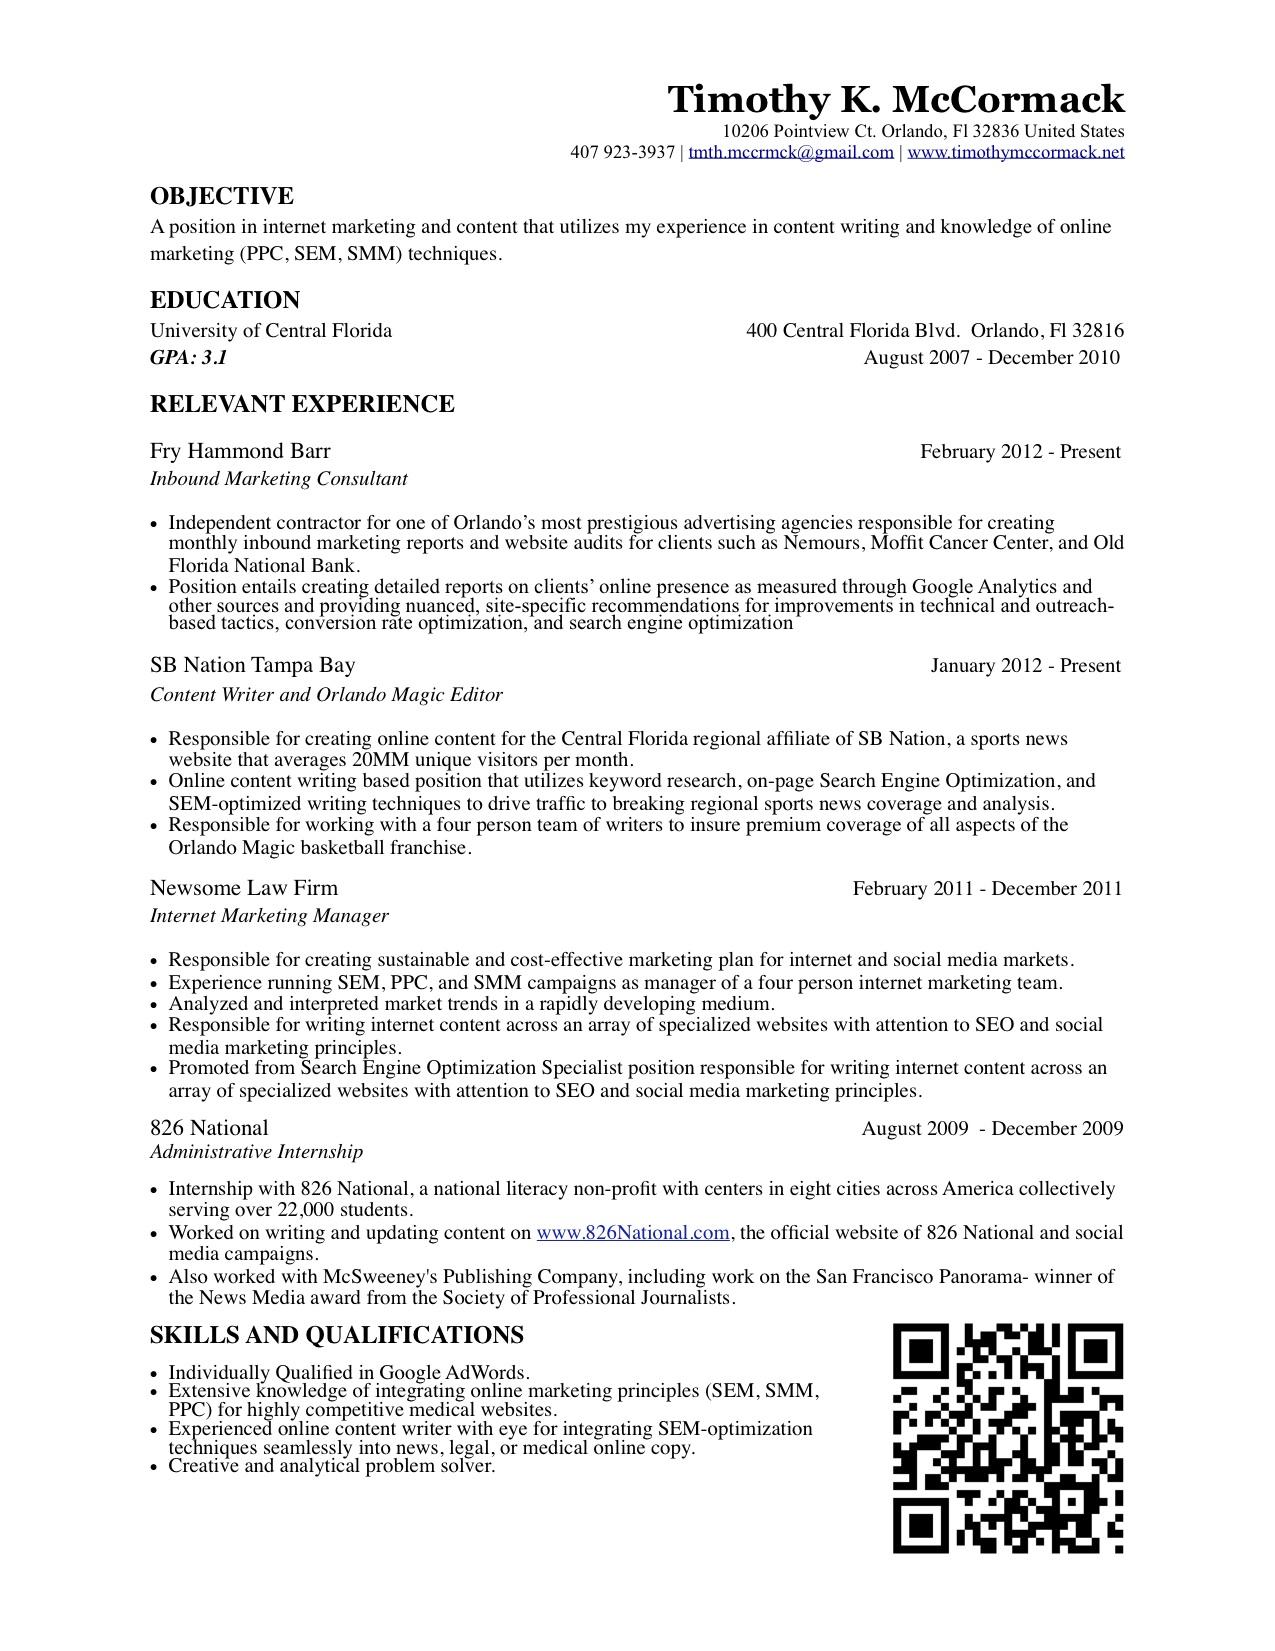 how to make resume shorter